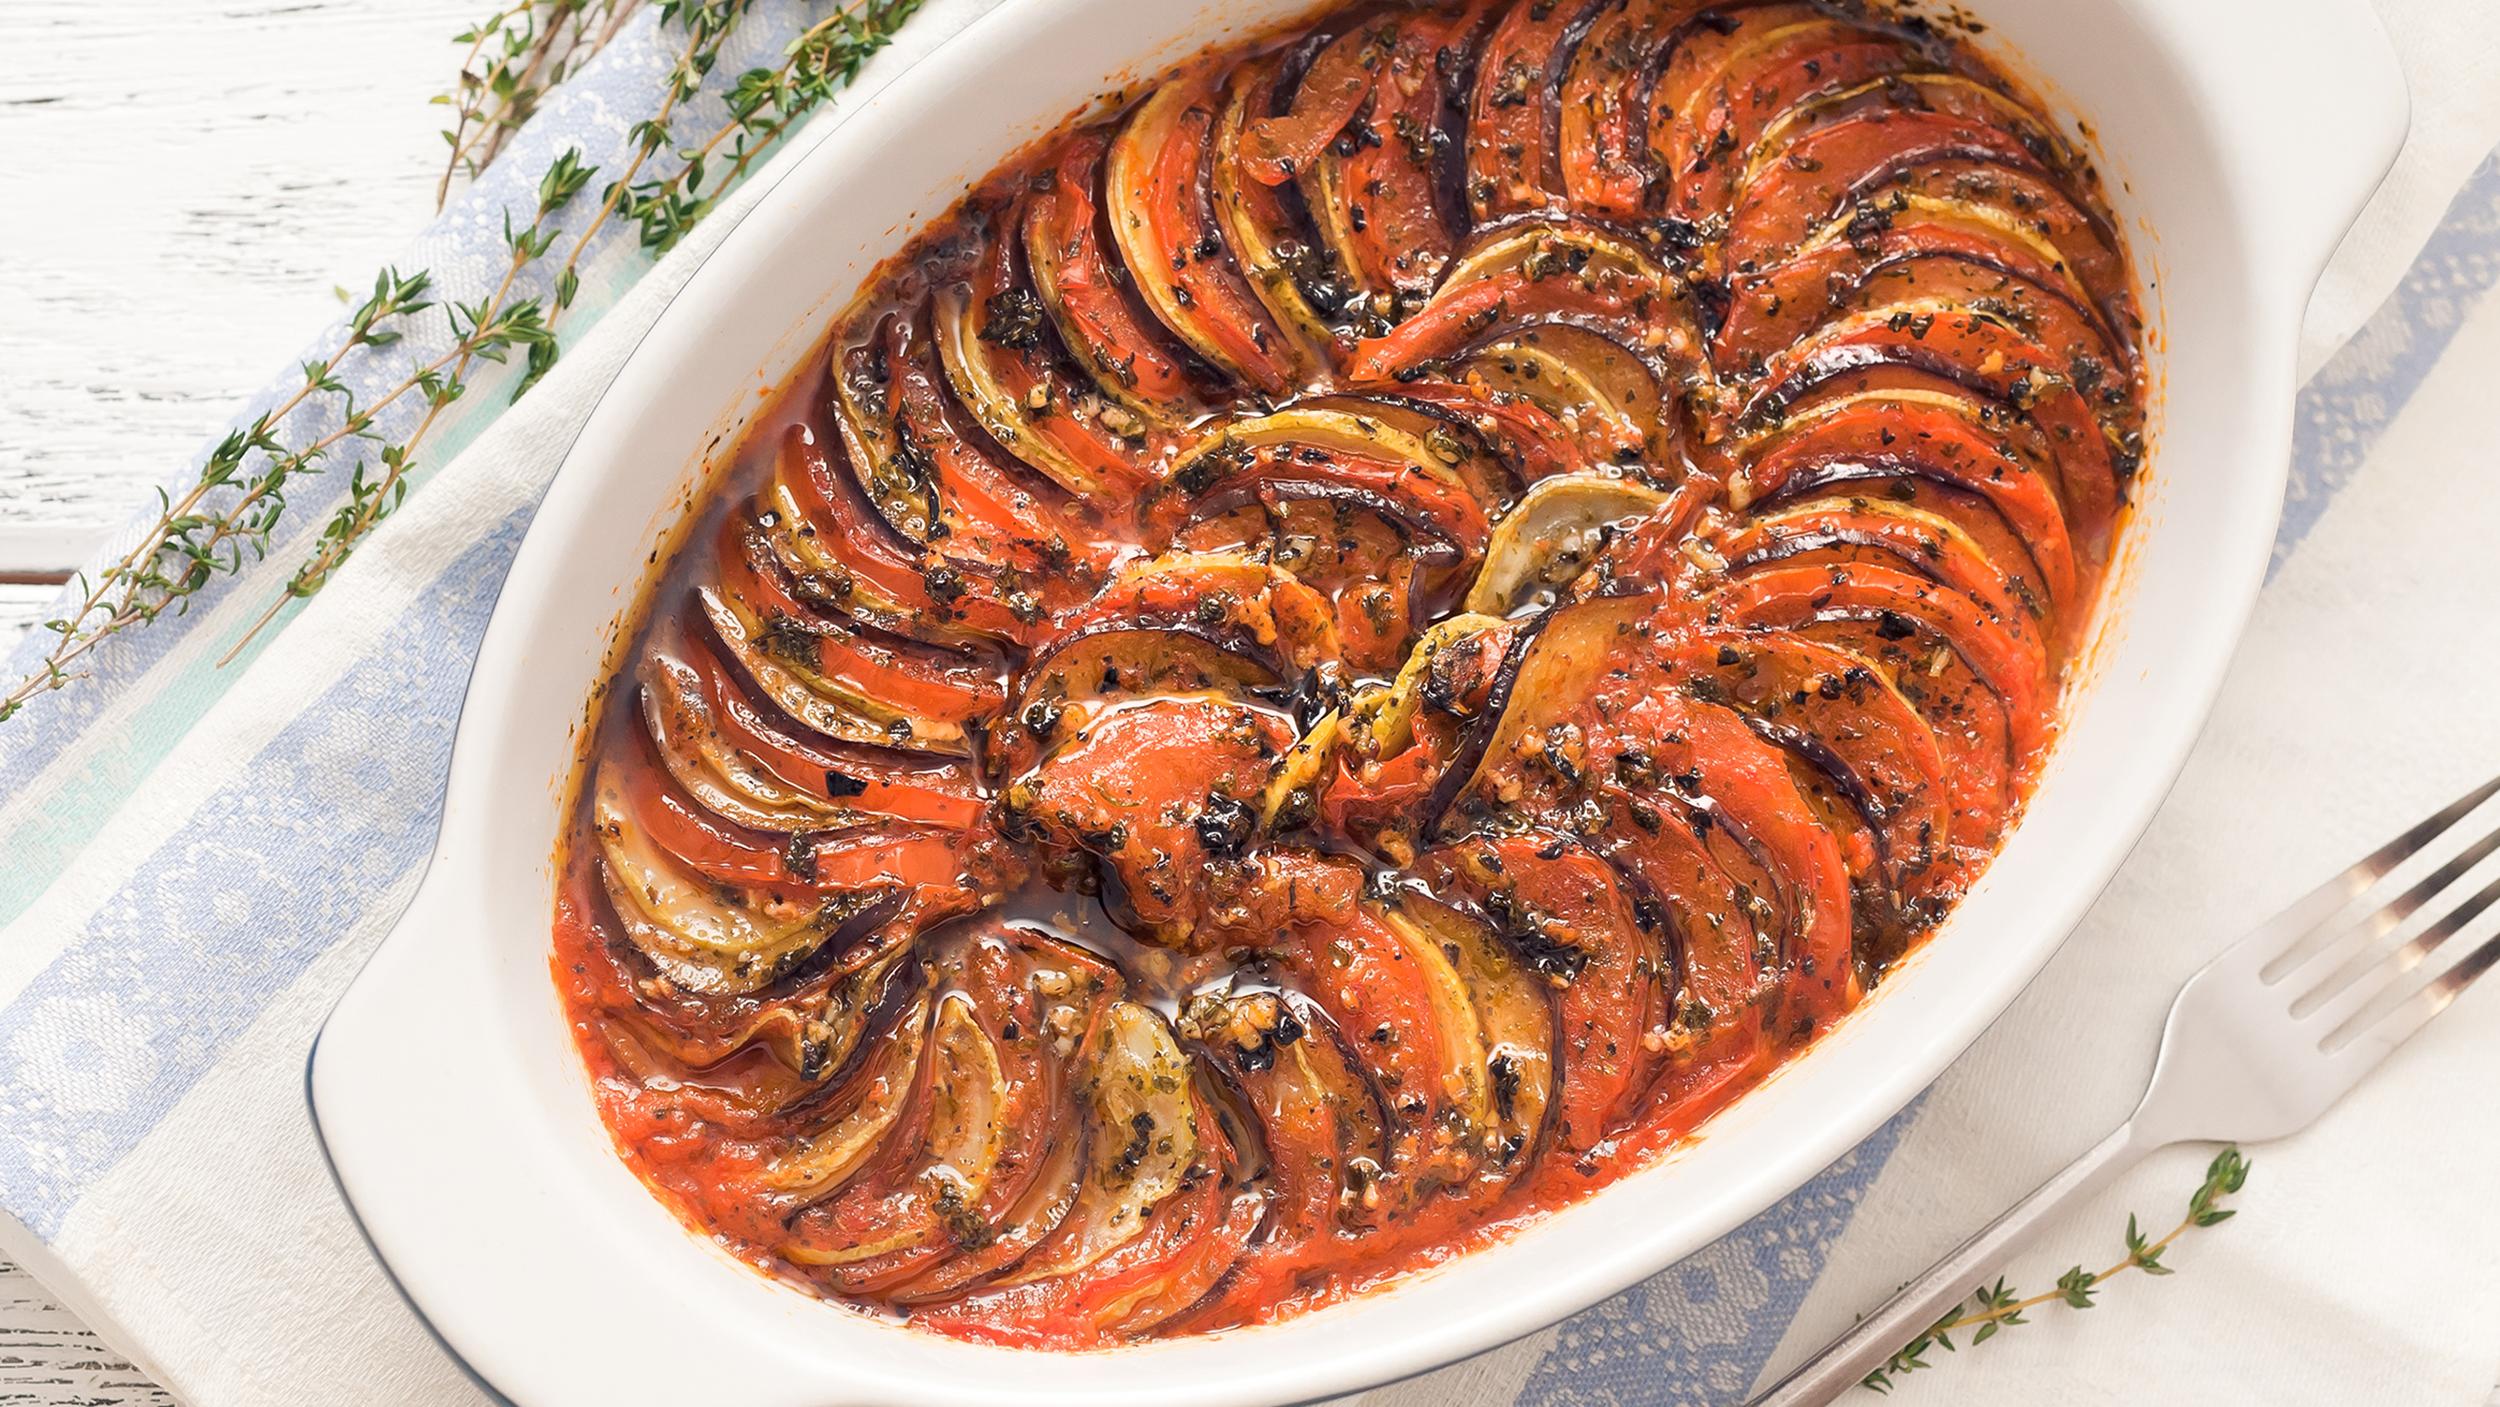 Julia child 39 s ratatouille eggplant casserole for Julia child cooking school